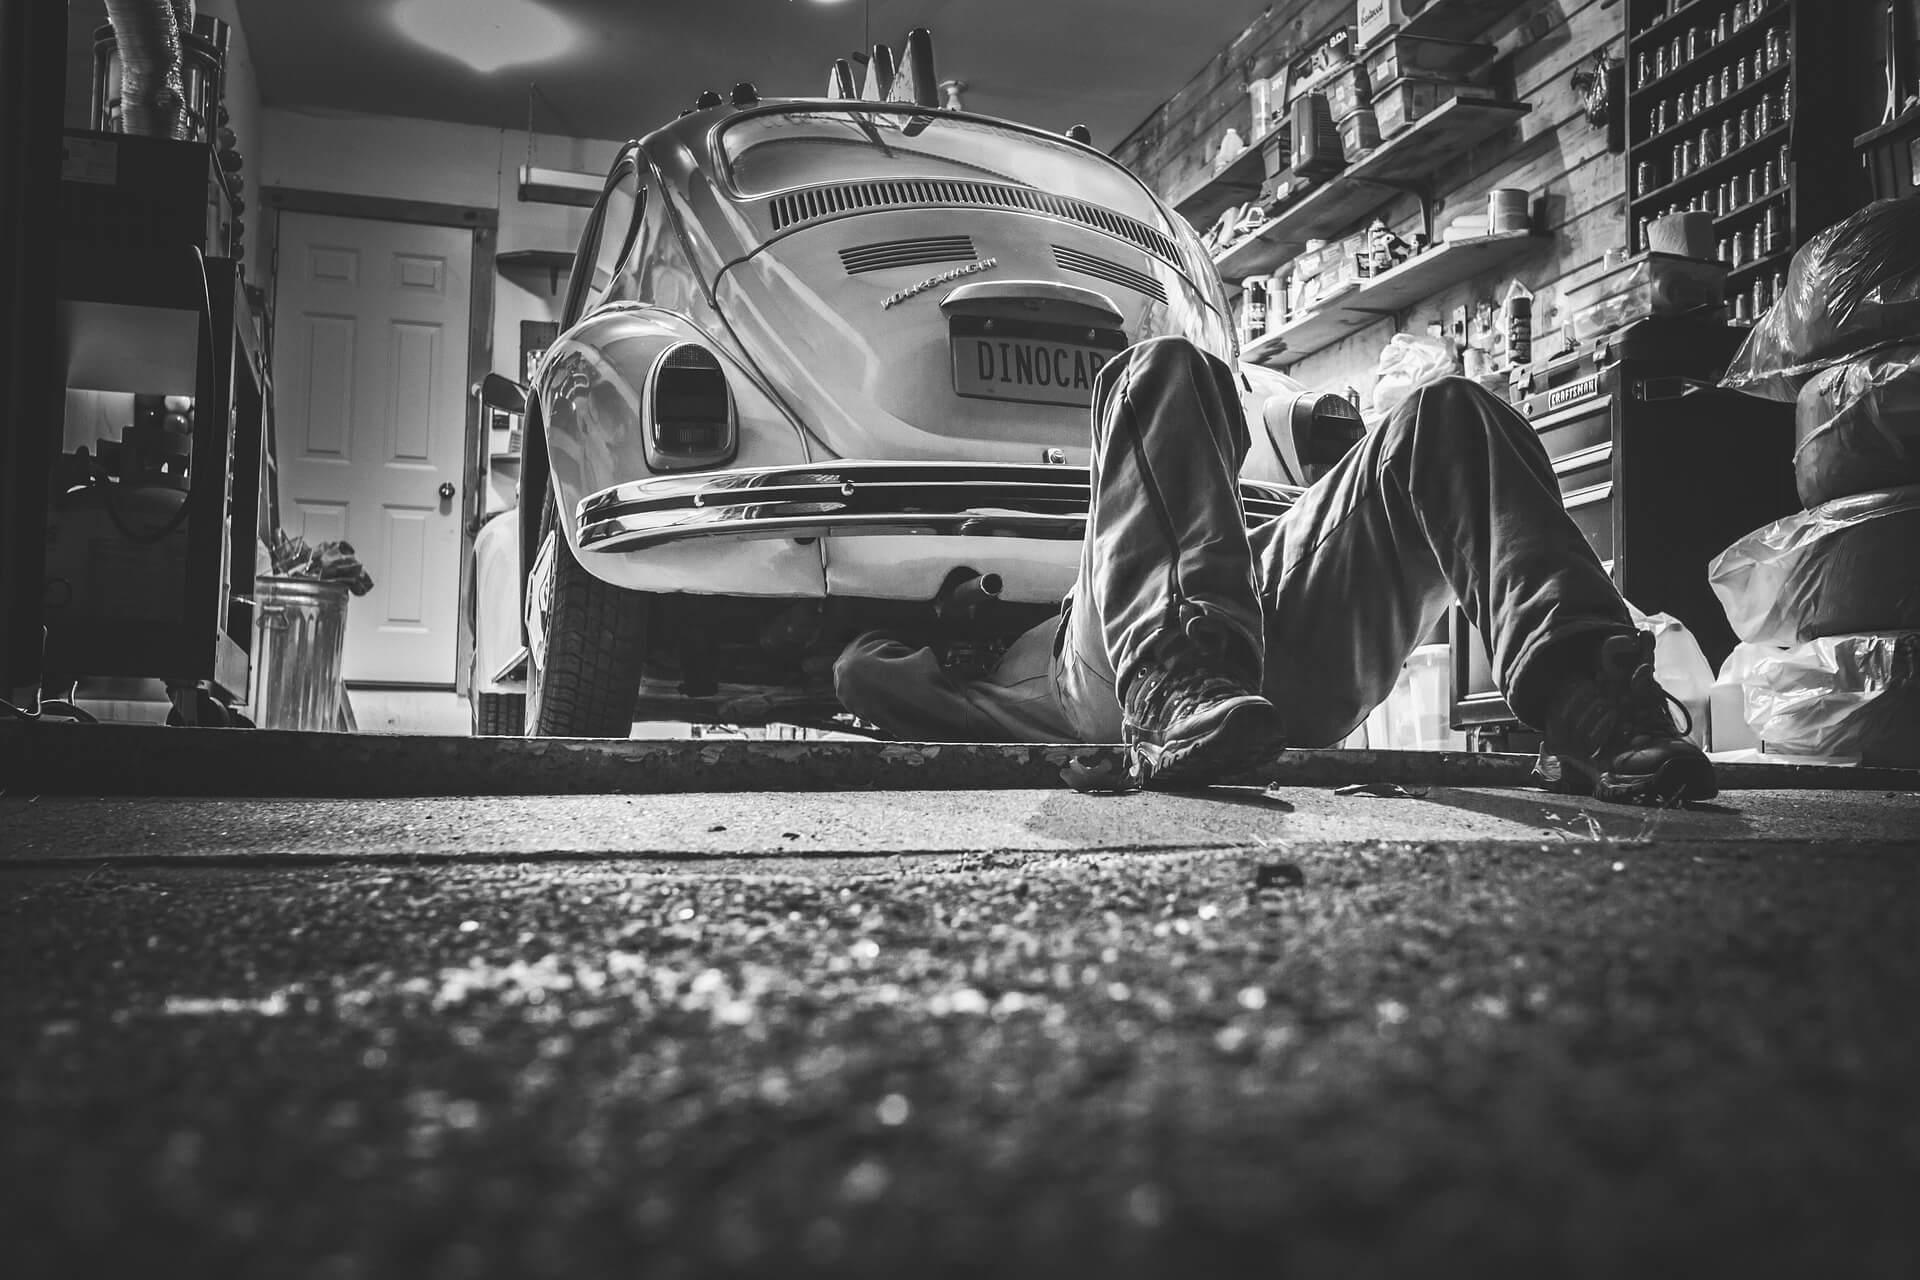 nahradni-dily.eu - kompletní databáze náhradních dílů na všechny typy aut